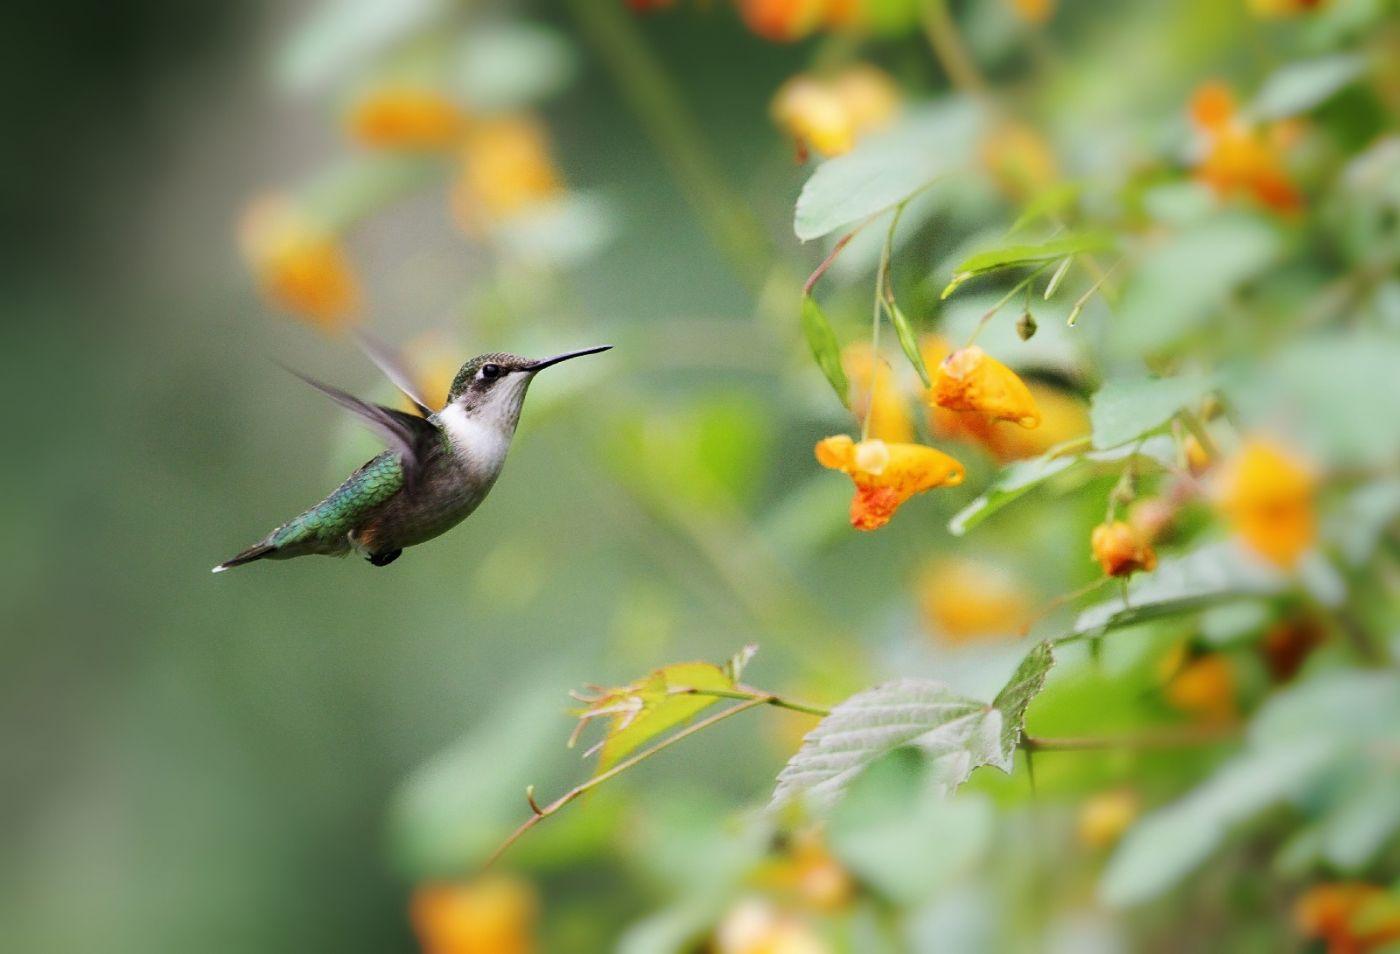 【田螺摄影】在纽约city找蜂鸟拍不难_图1-4